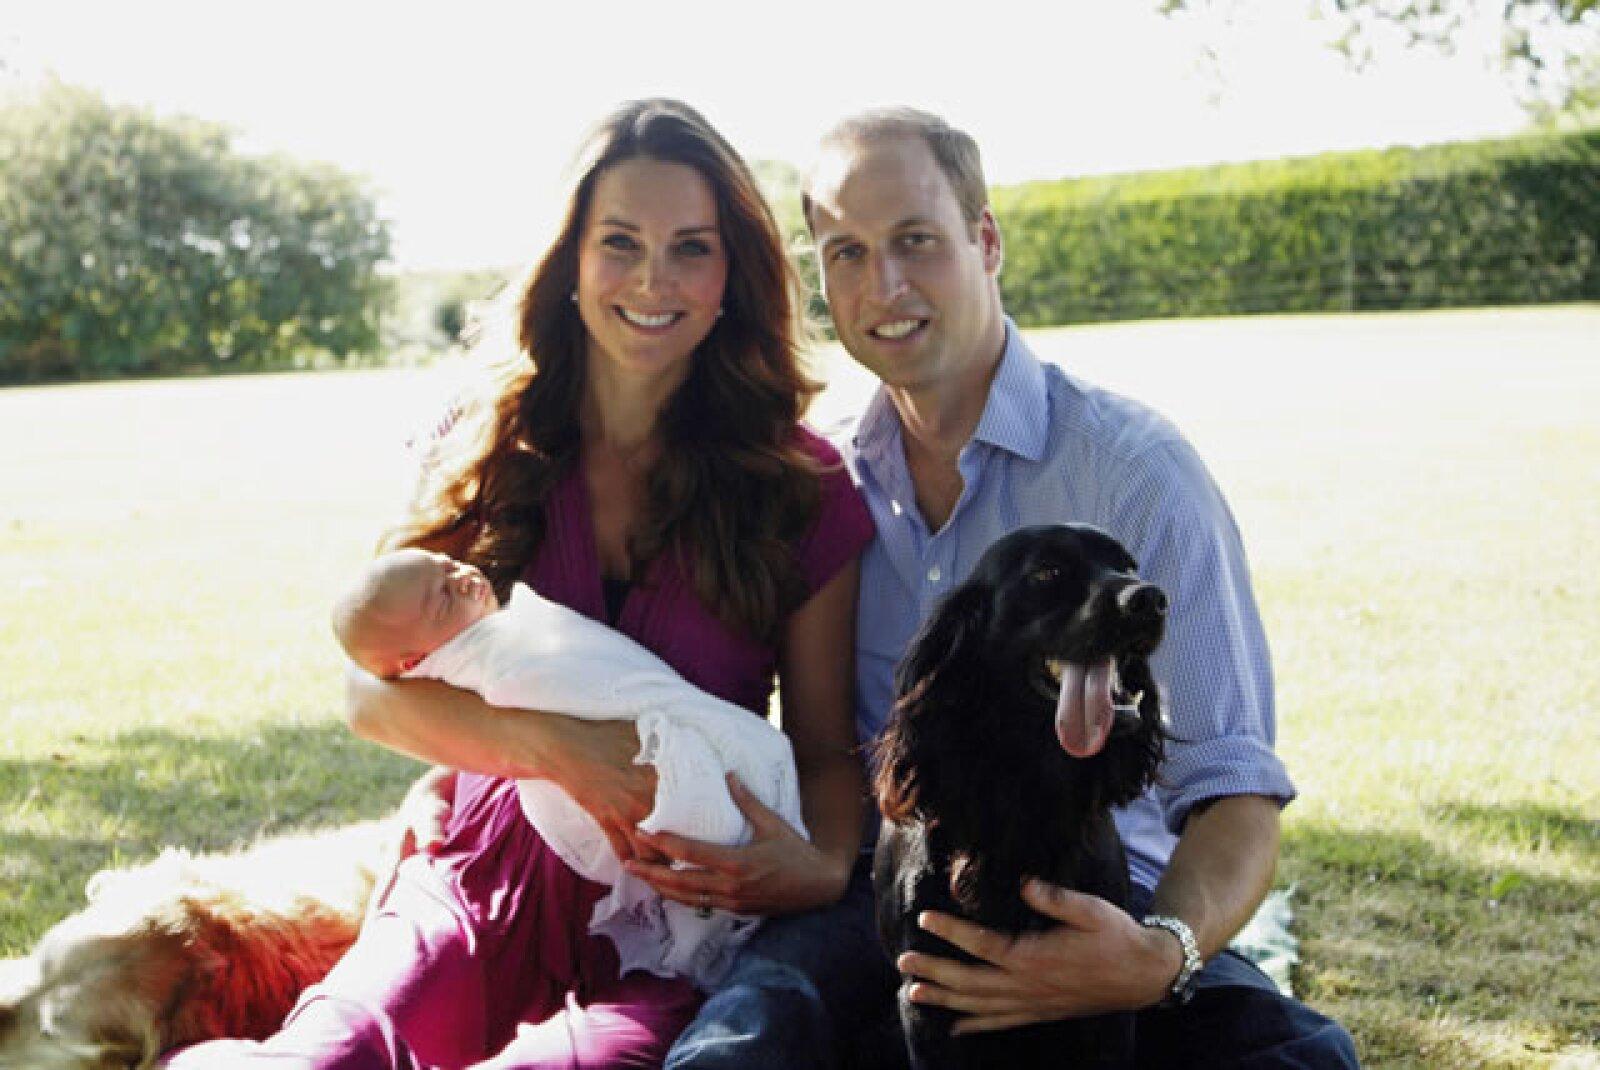 George nació un 22 de julio de 2013. Esta es su primera fotografía oficial, tomada por Michael Middleton, padre de Kate.